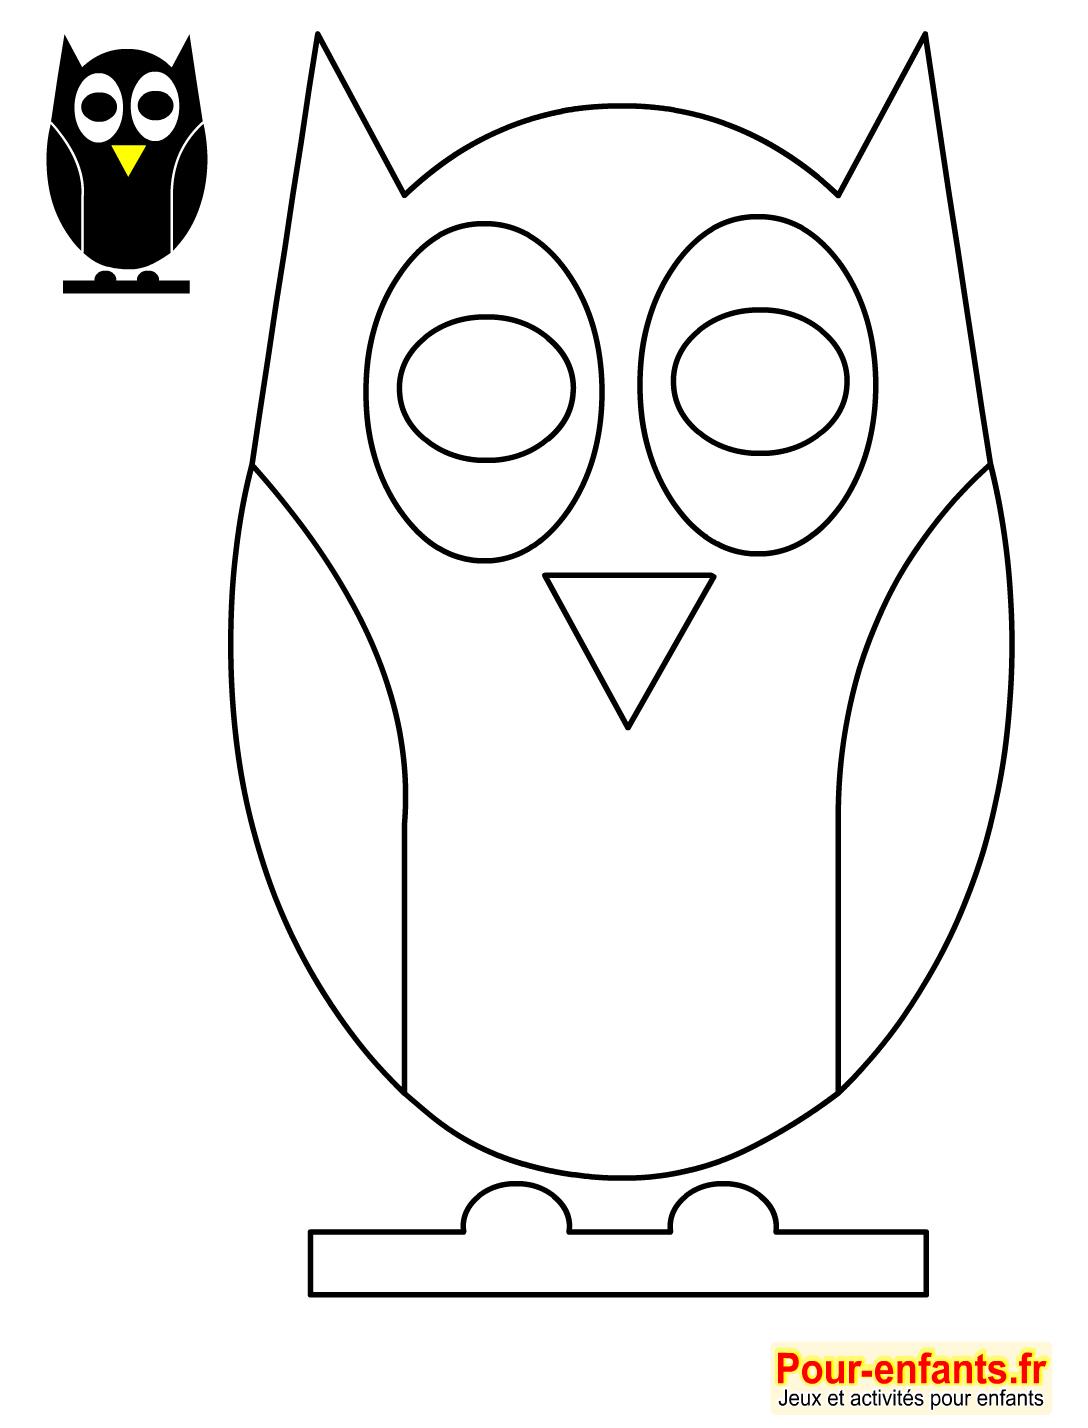 Dessins Gratuits À Colorier - Coloriage Hibou À Imprimer concernant Dessiner Un Hibou